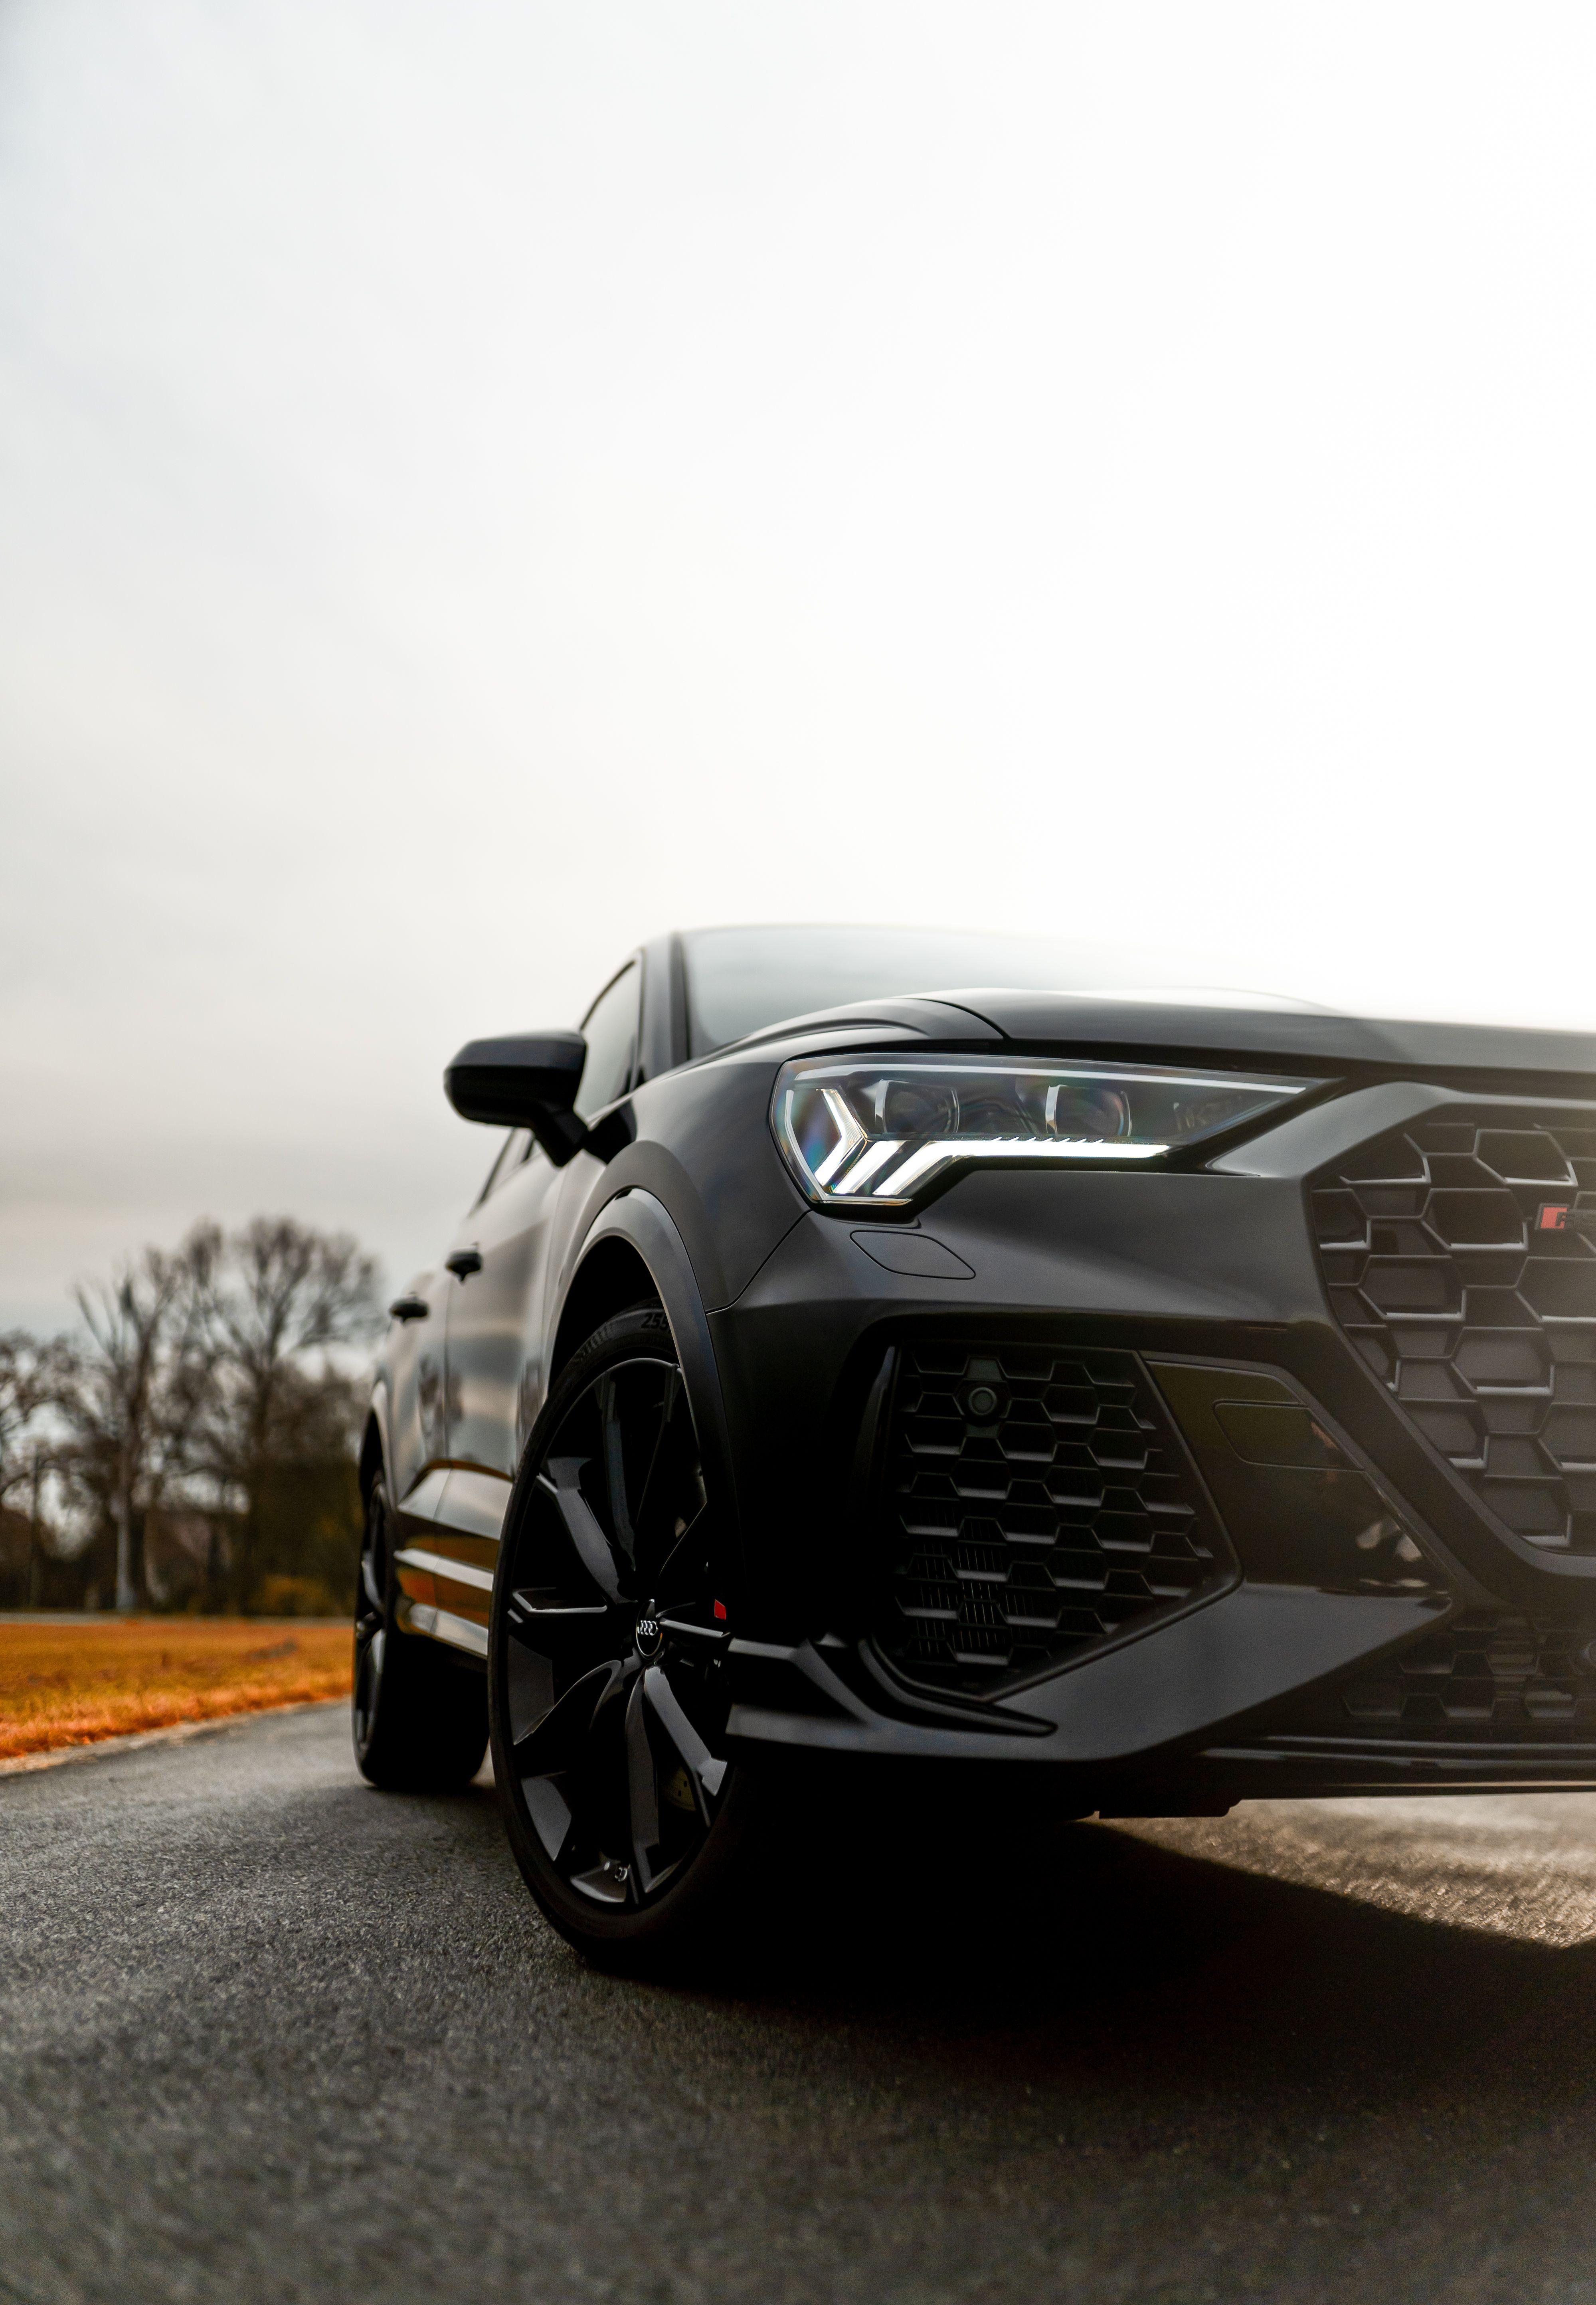 Audi Rs Q3 Sportback In 2020 Audi Q3 Audi Rs Audi Rsq3